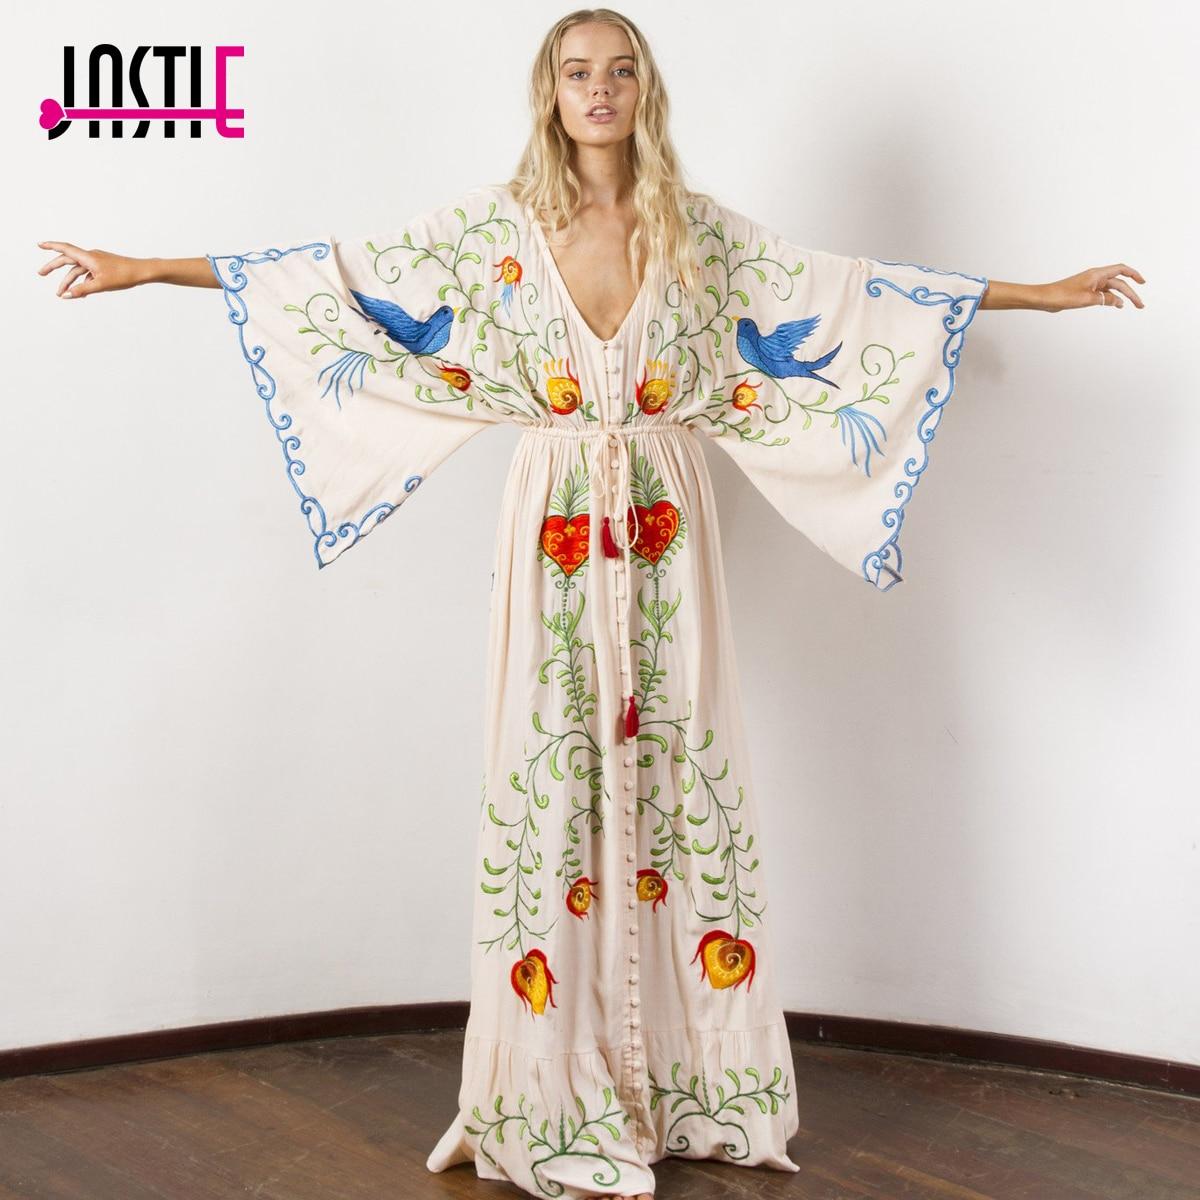 Jastie вышитые Для женщин макси платье v-образным вырезом и широкими рукавами свободные плюс Размеры летние платья кулиска на талии Boho пляж ...